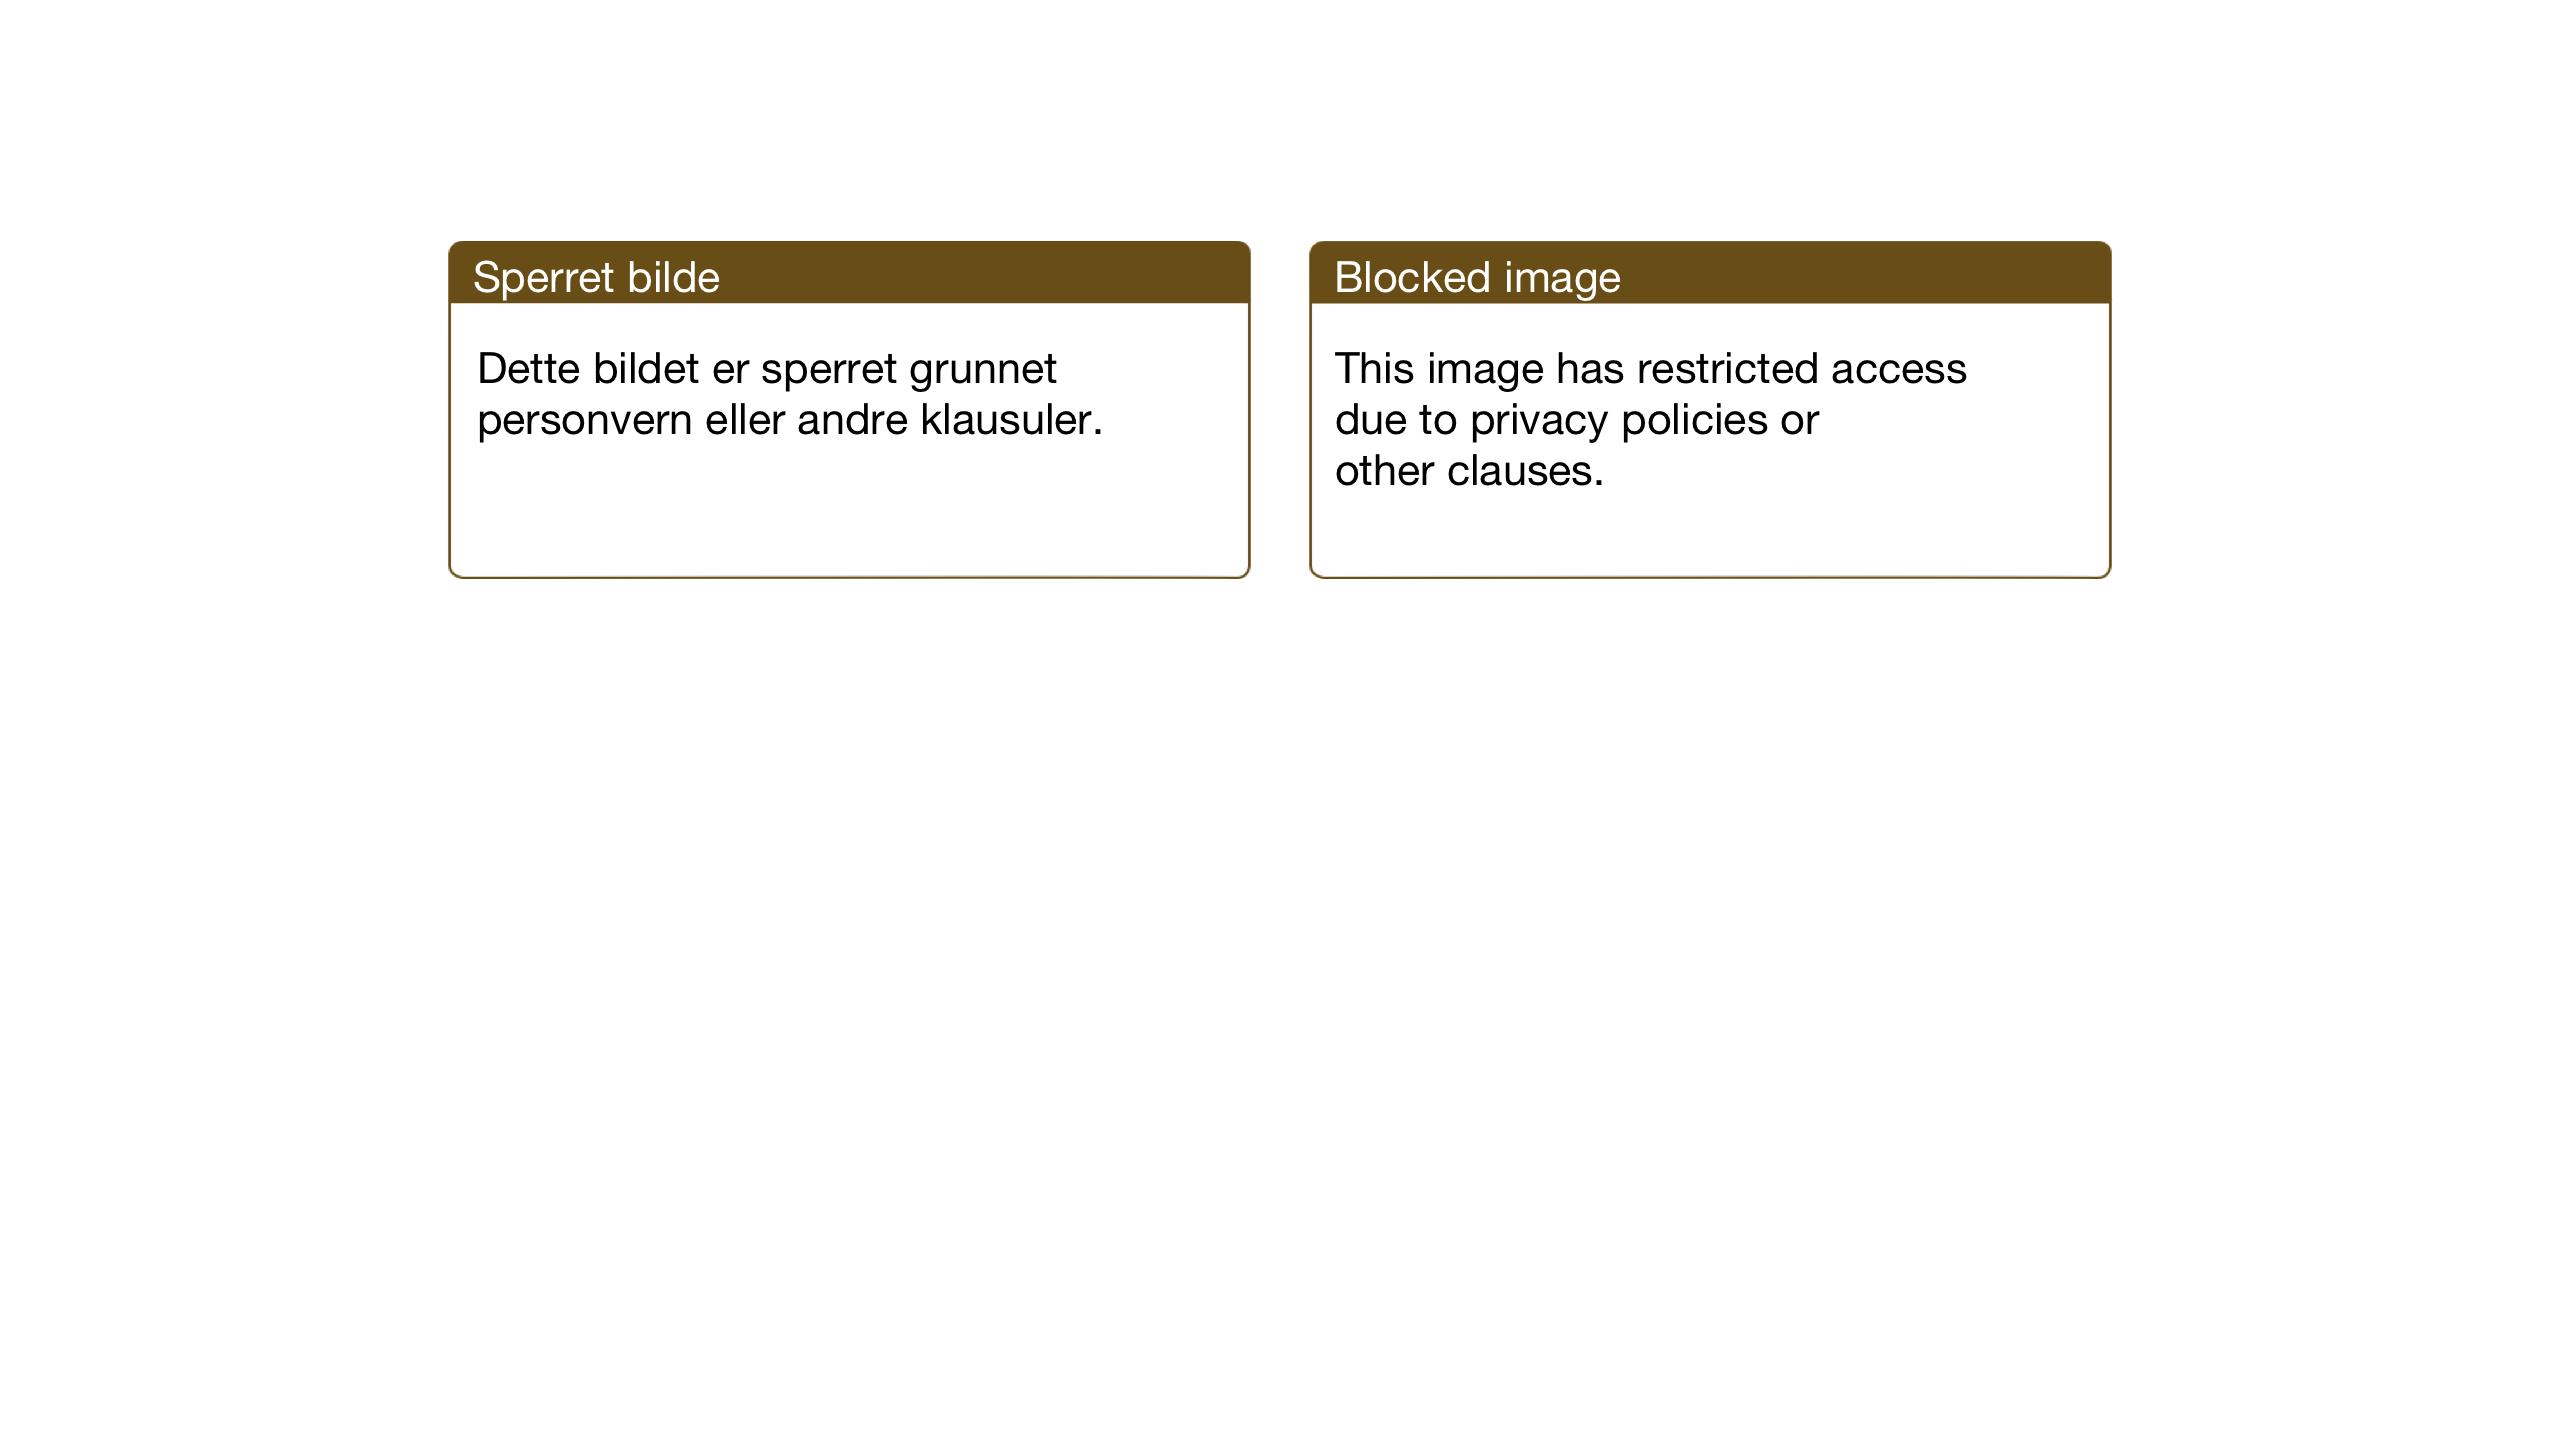 SAT, Ministerialprotokoller, klokkerbøker og fødselsregistre - Sør-Trøndelag, 630/L0508: Klokkerbok nr. 630C06, 1933-1950, s. 108